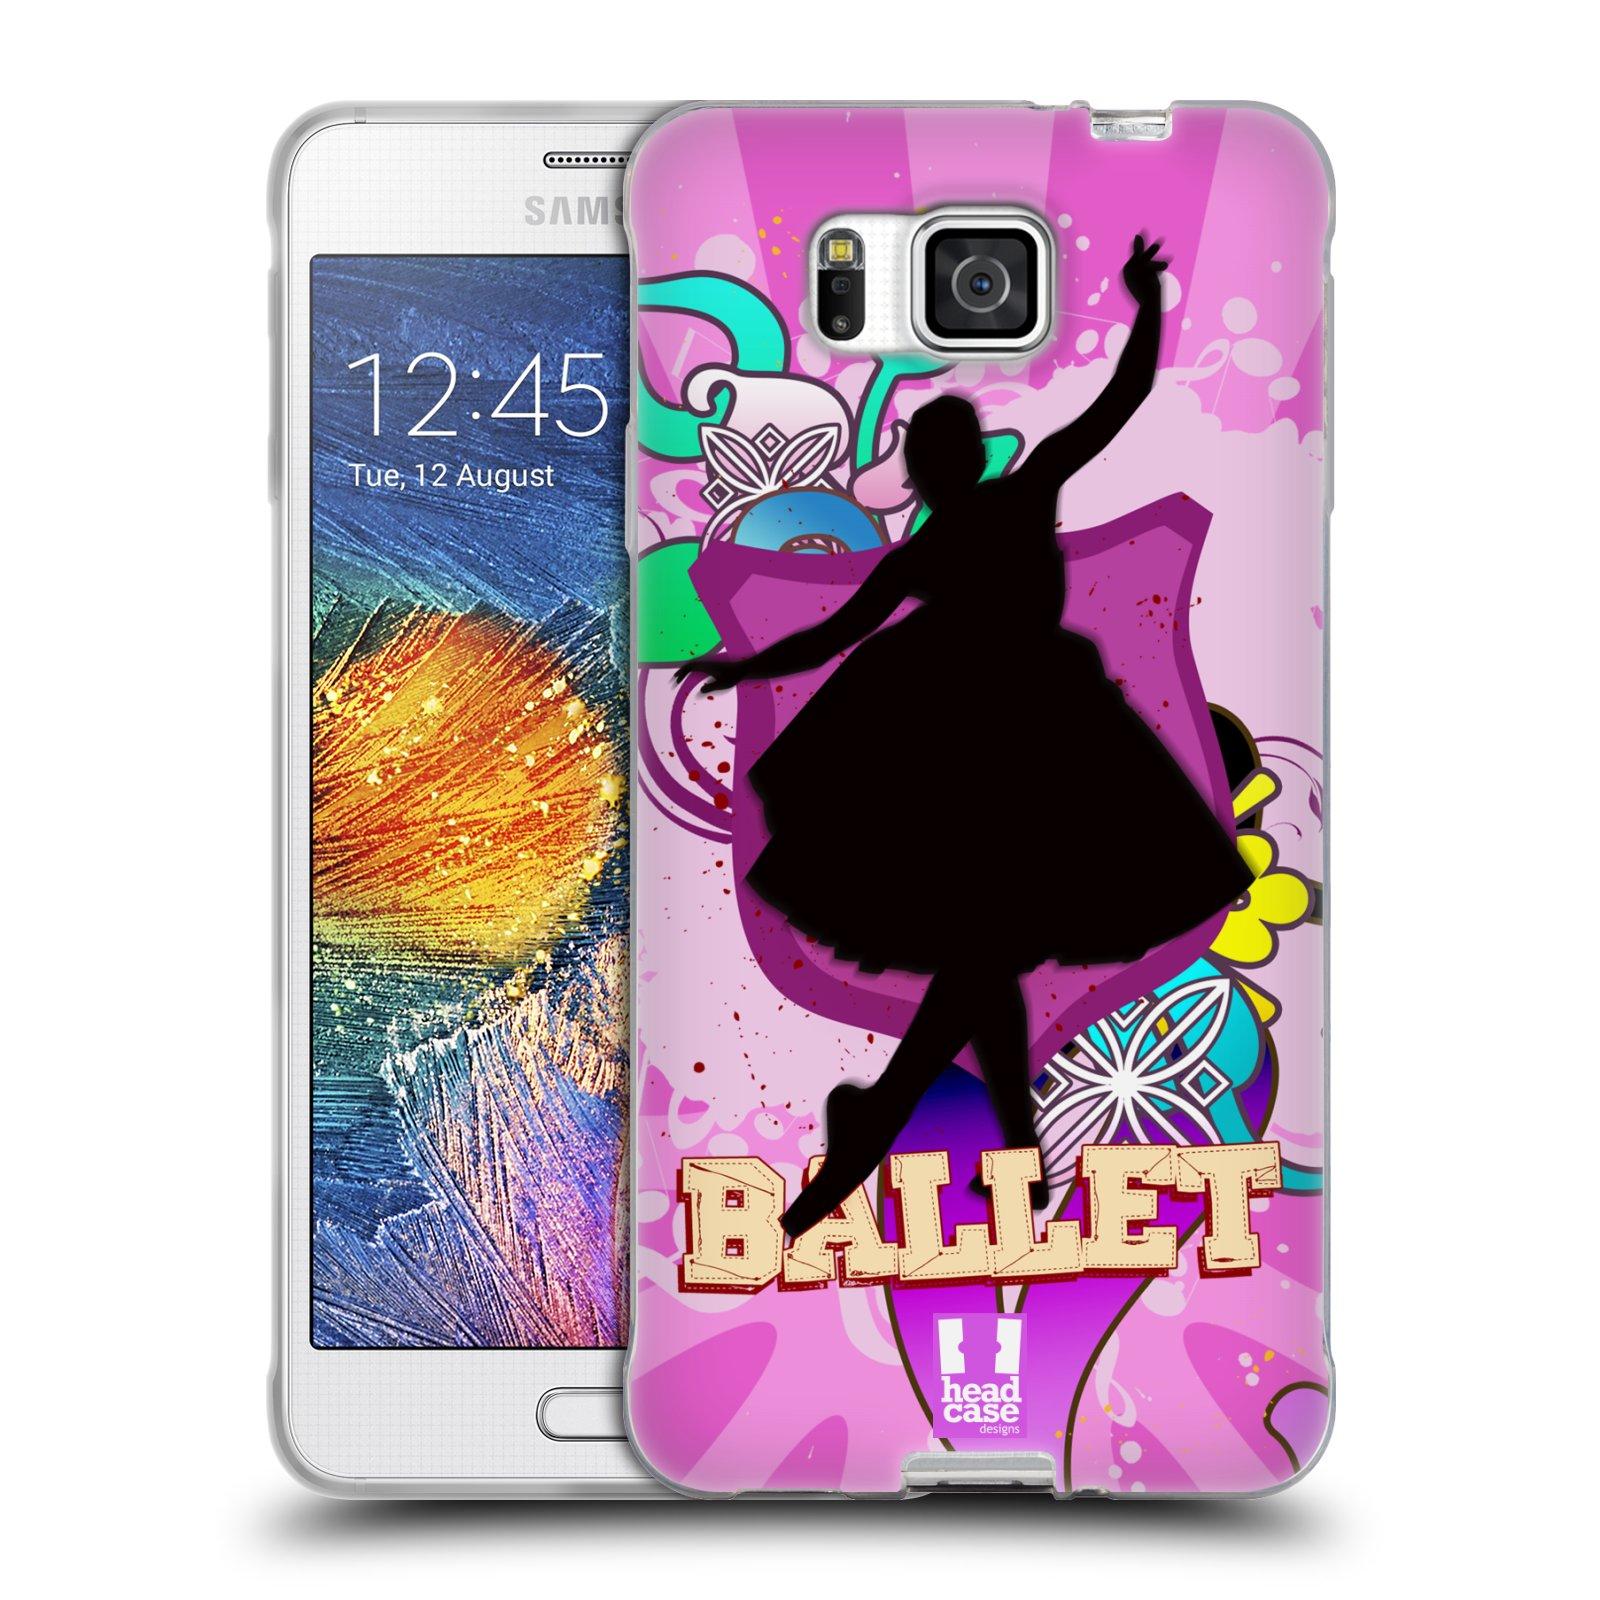 HEAD CASE silikonový obal na mobil Samsung Galaxy ALPHA vzor TANEC SILUETA BALET FIALOVÁ